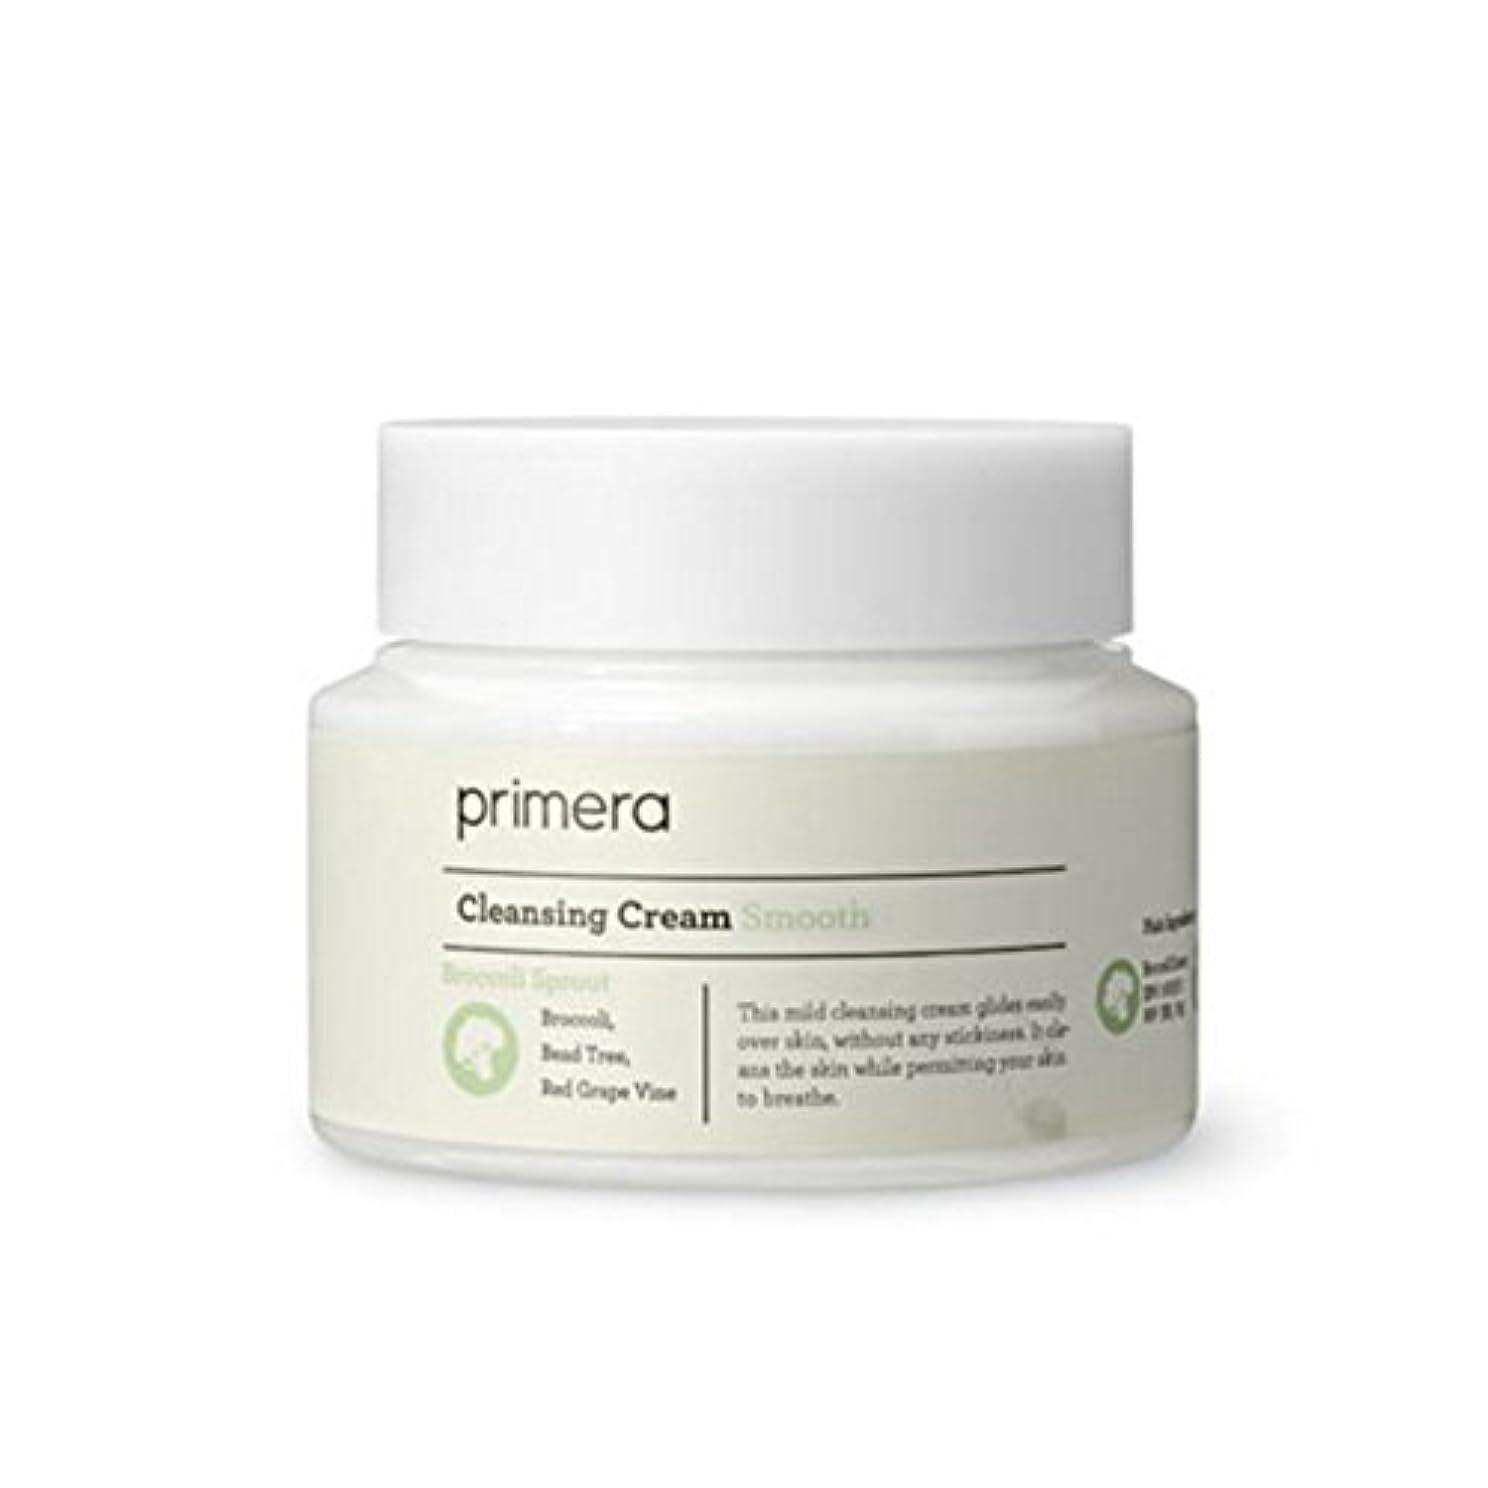 ためらう焦げブラウン【プリメーラ】 PRIMERA Smooth Cleansing Cream スムース クレンジングクリーム 【韓国直送品】 OOPSPANDA